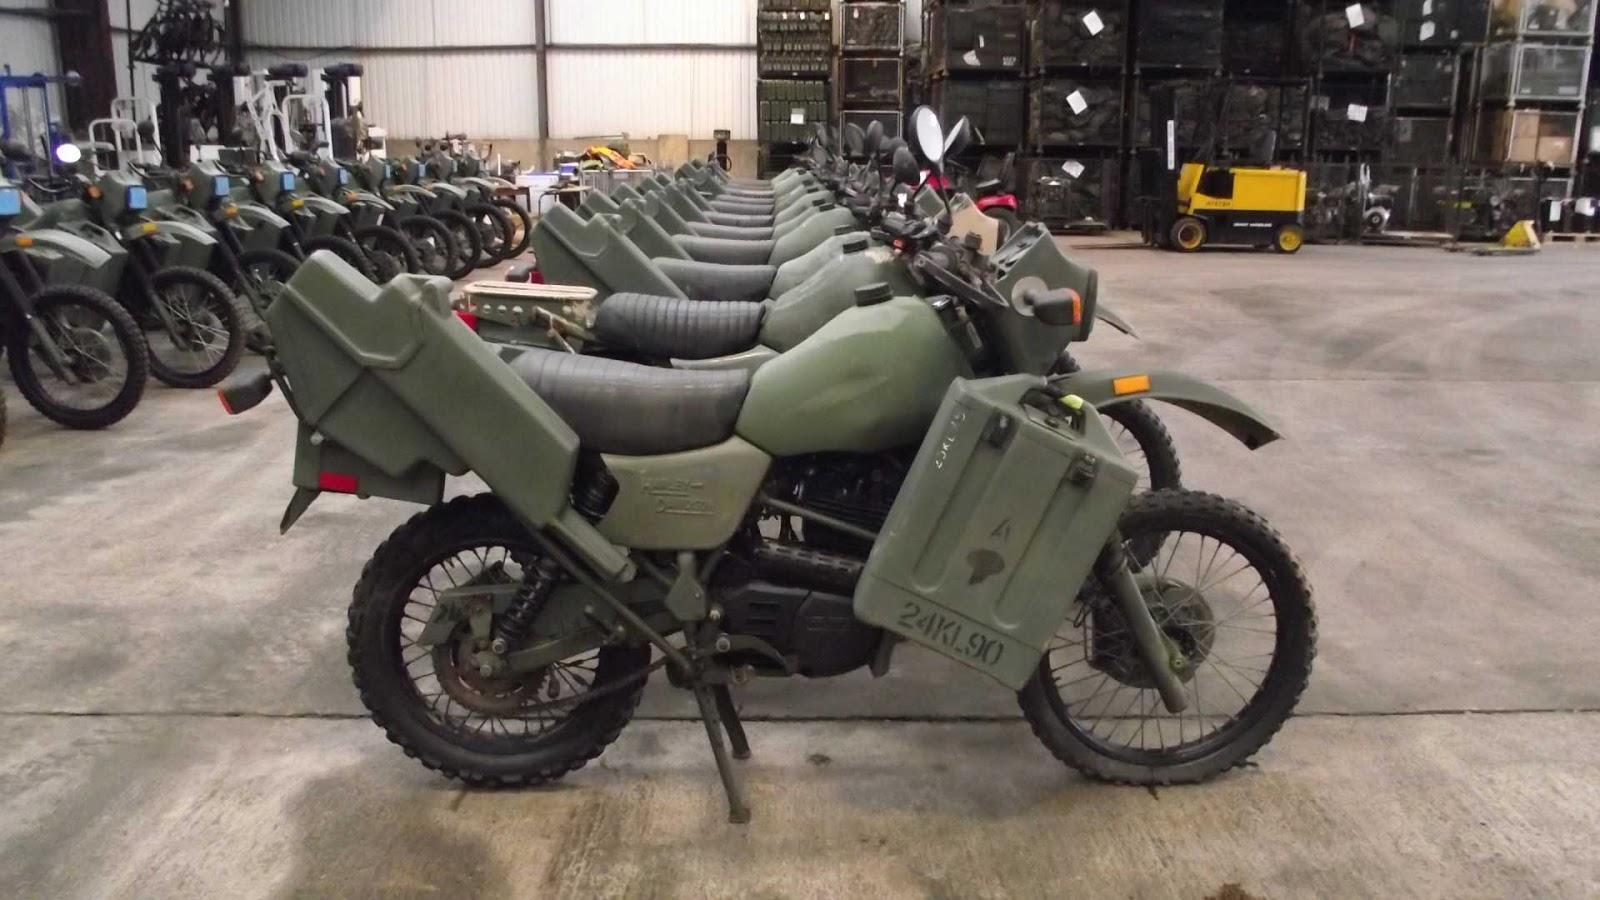 Harley Davidson Quad Bike For Sale